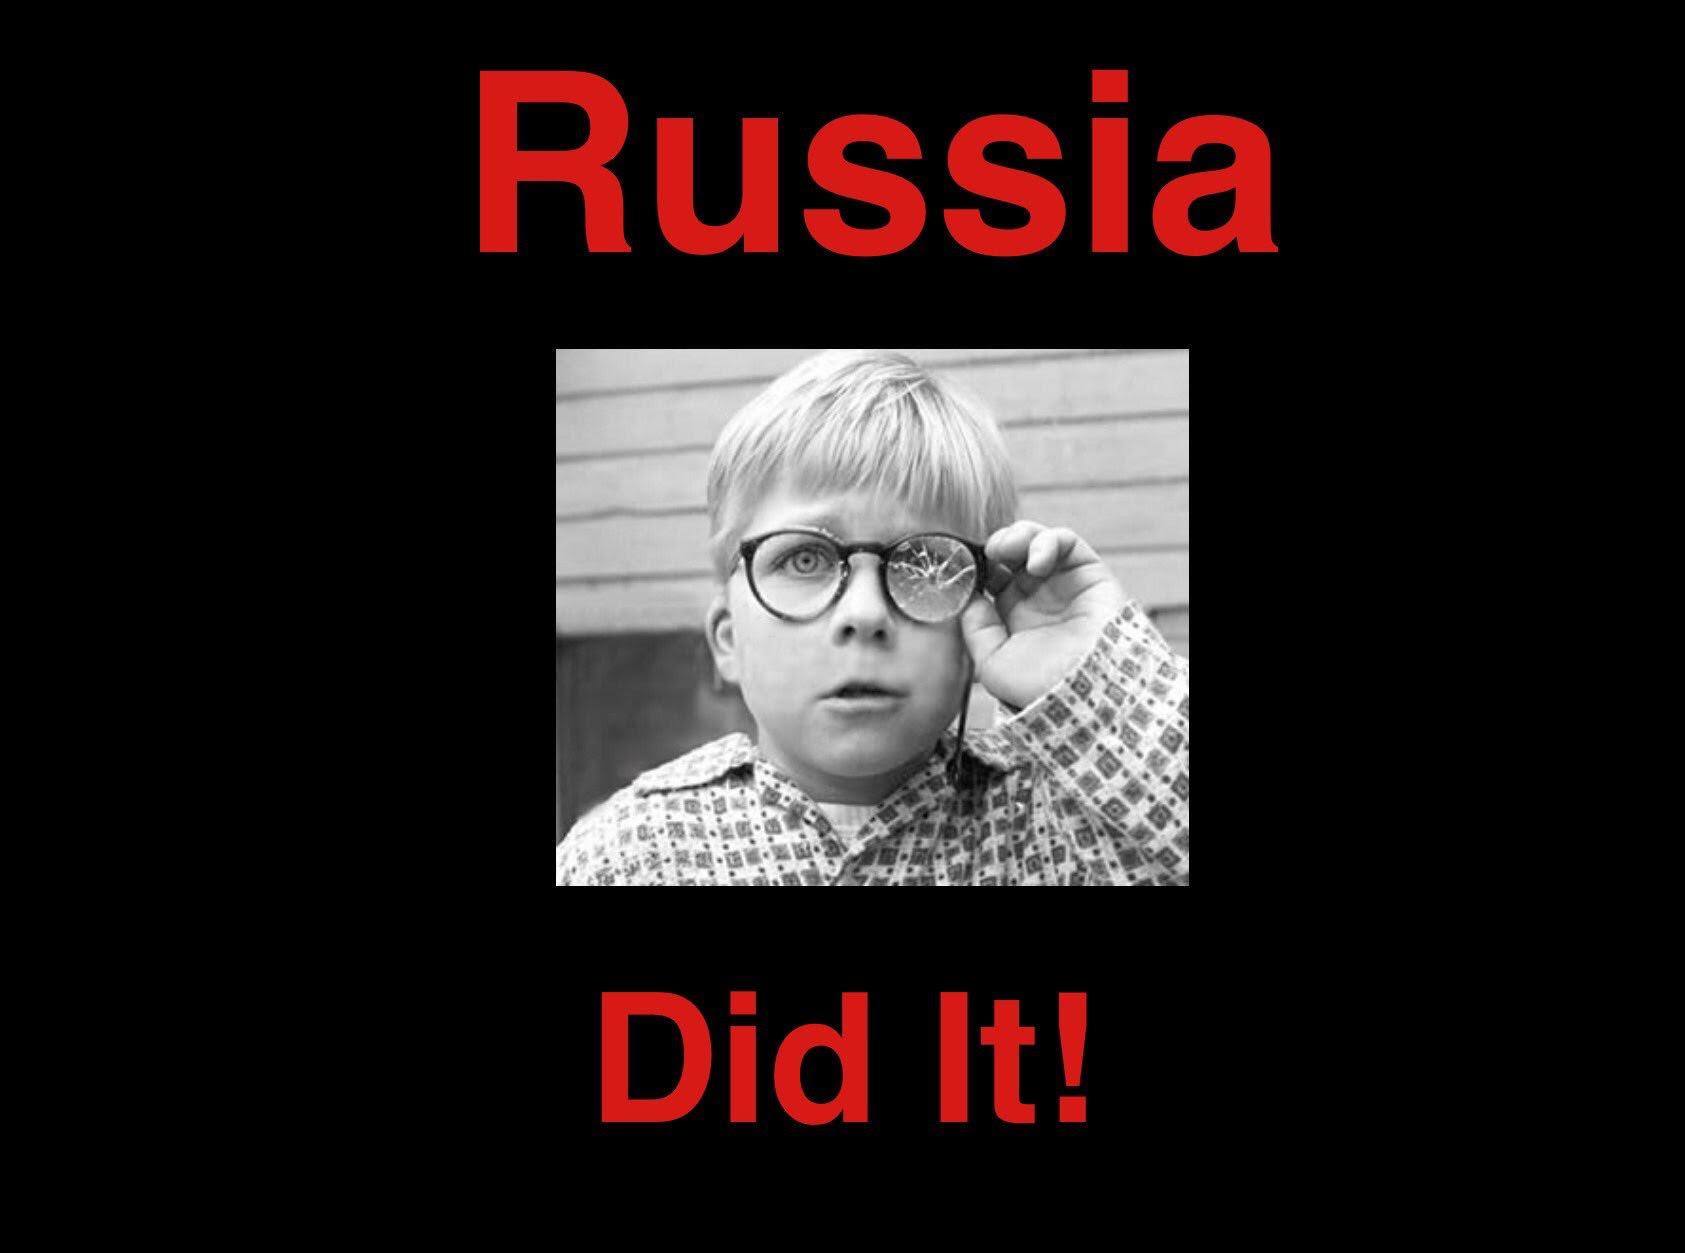 russia_did_it.jpg